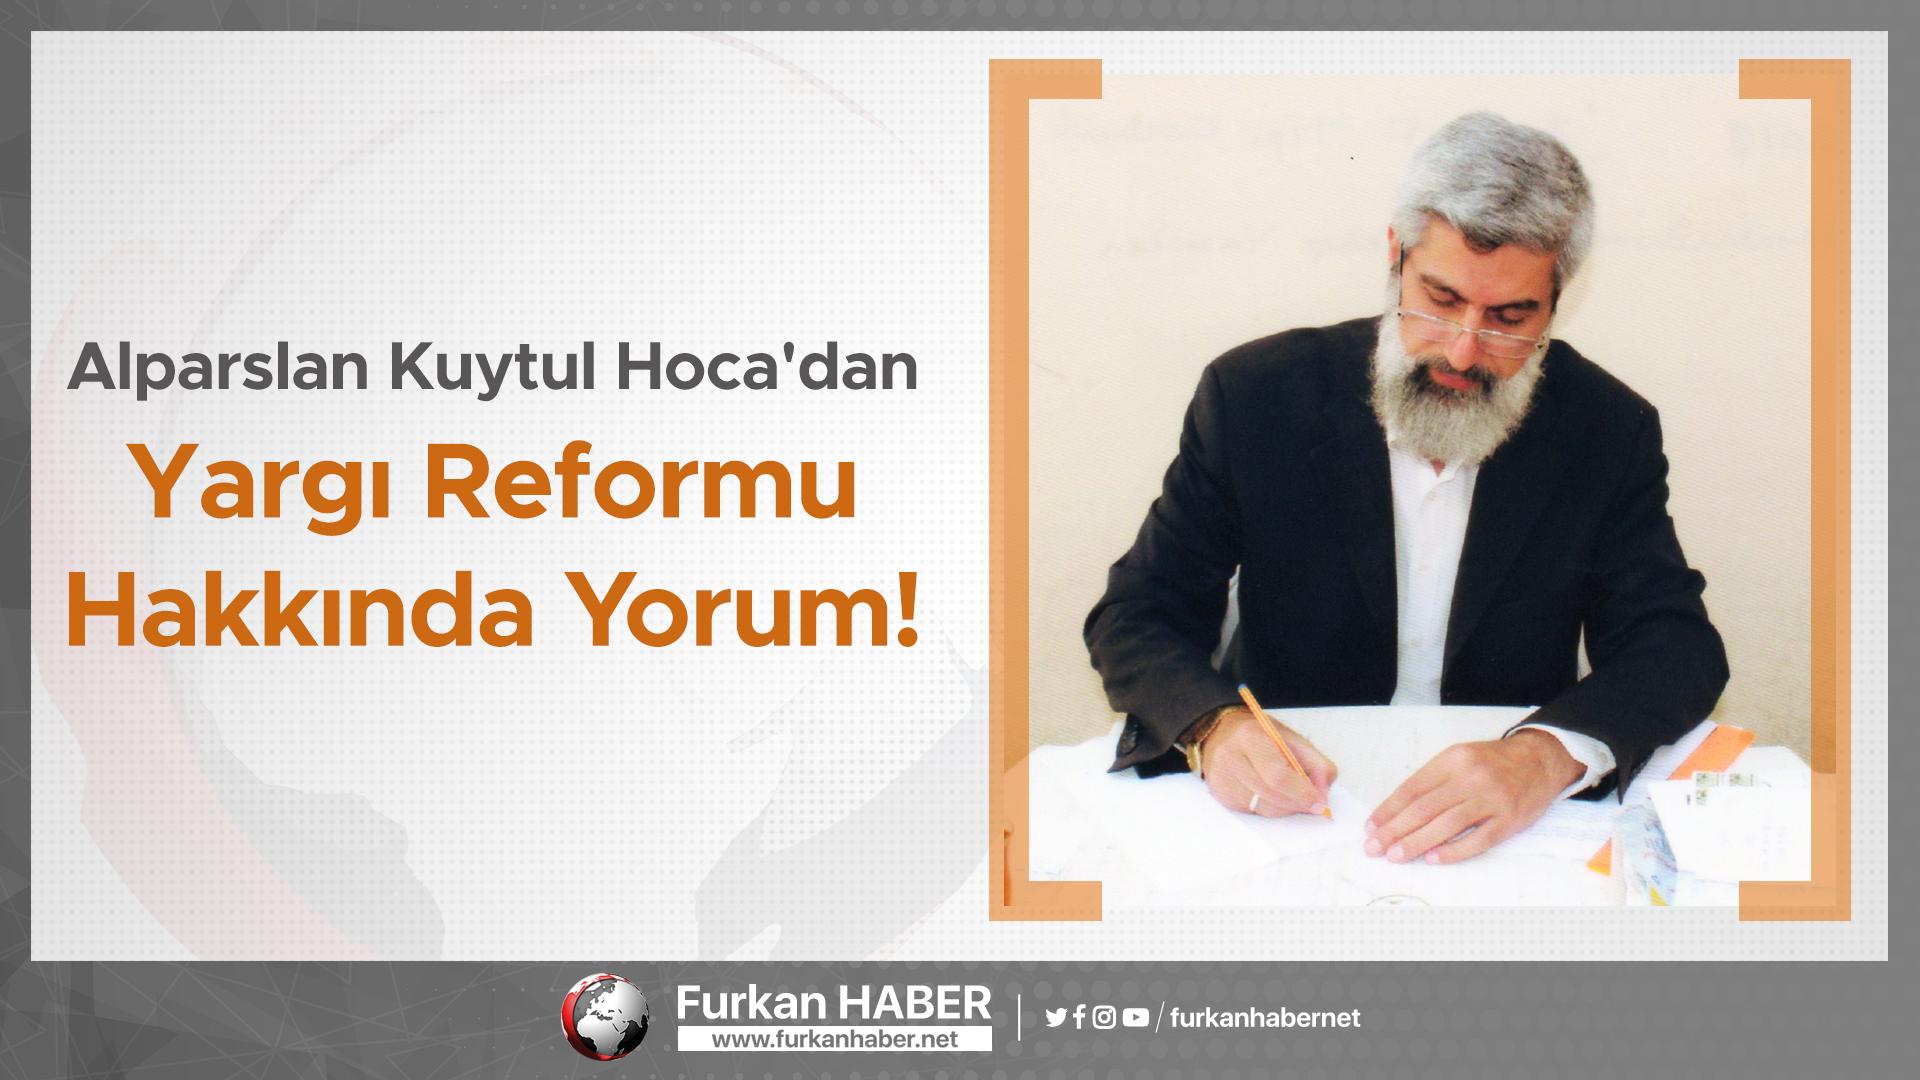 Alparslan Kuytul Hoca'dan Yargı Reformu Hakkında Yorum!